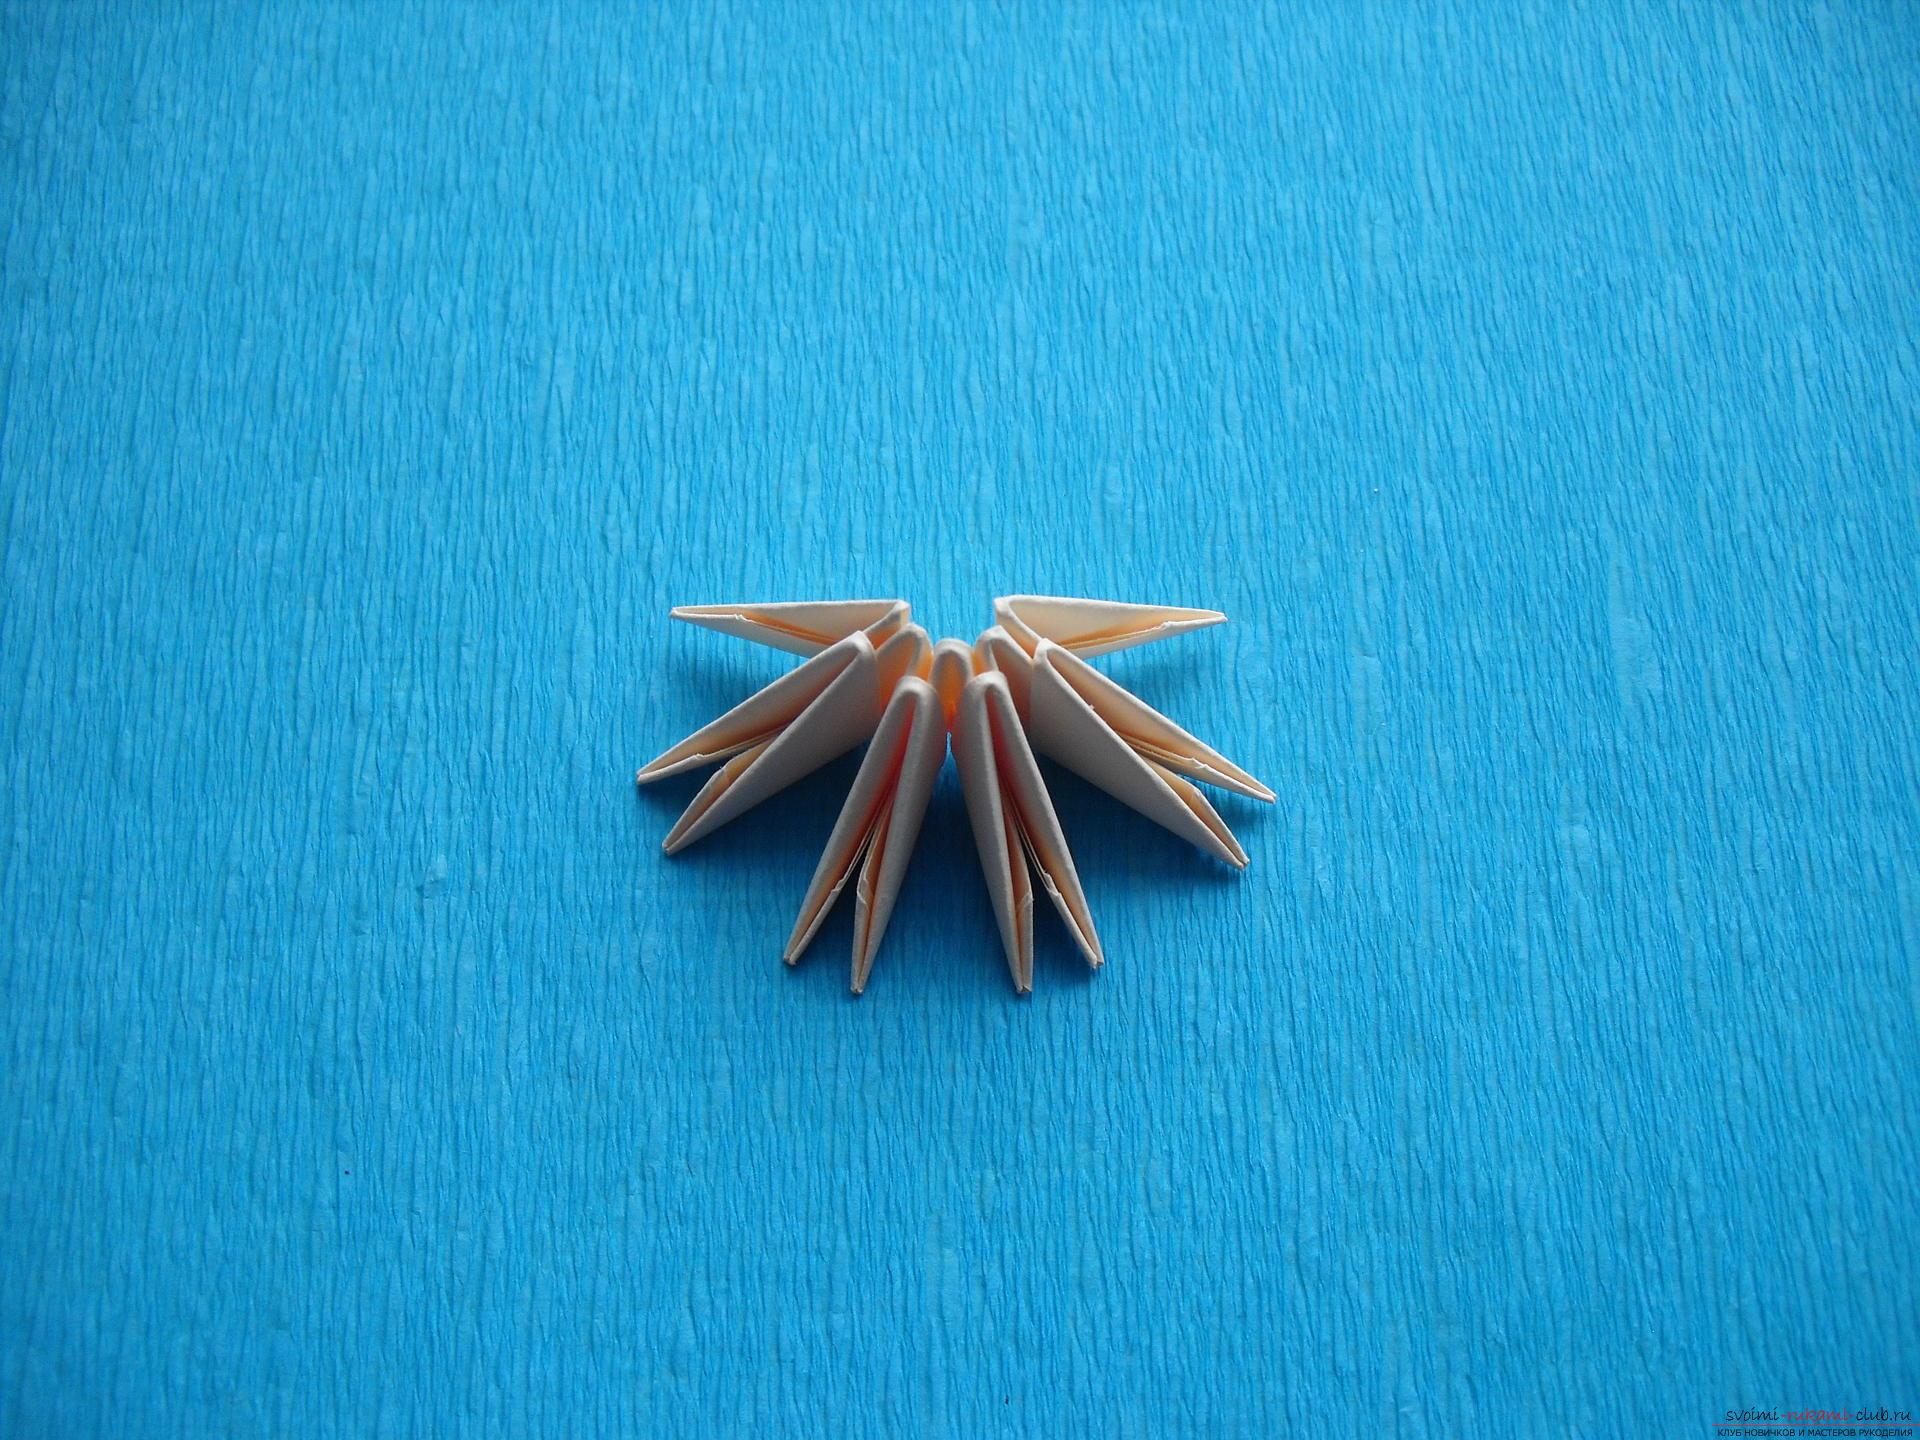 Этот мастер-класс расскажет как сделать поделку из модульных оригами - лягушку.. Фото №7